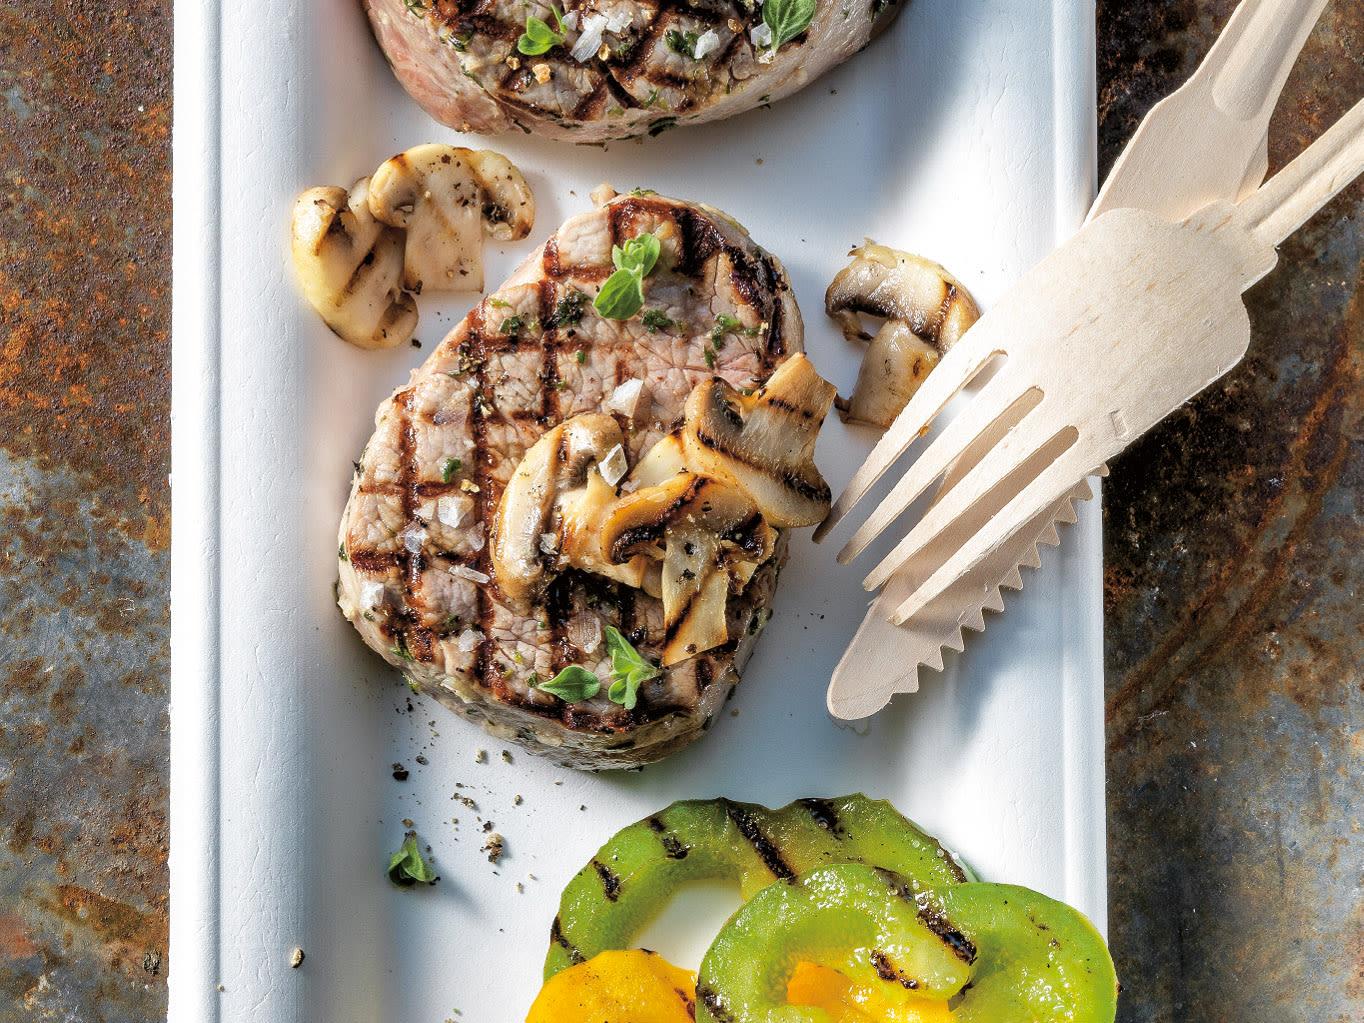 Médaillons de veau et champignons au barbecue